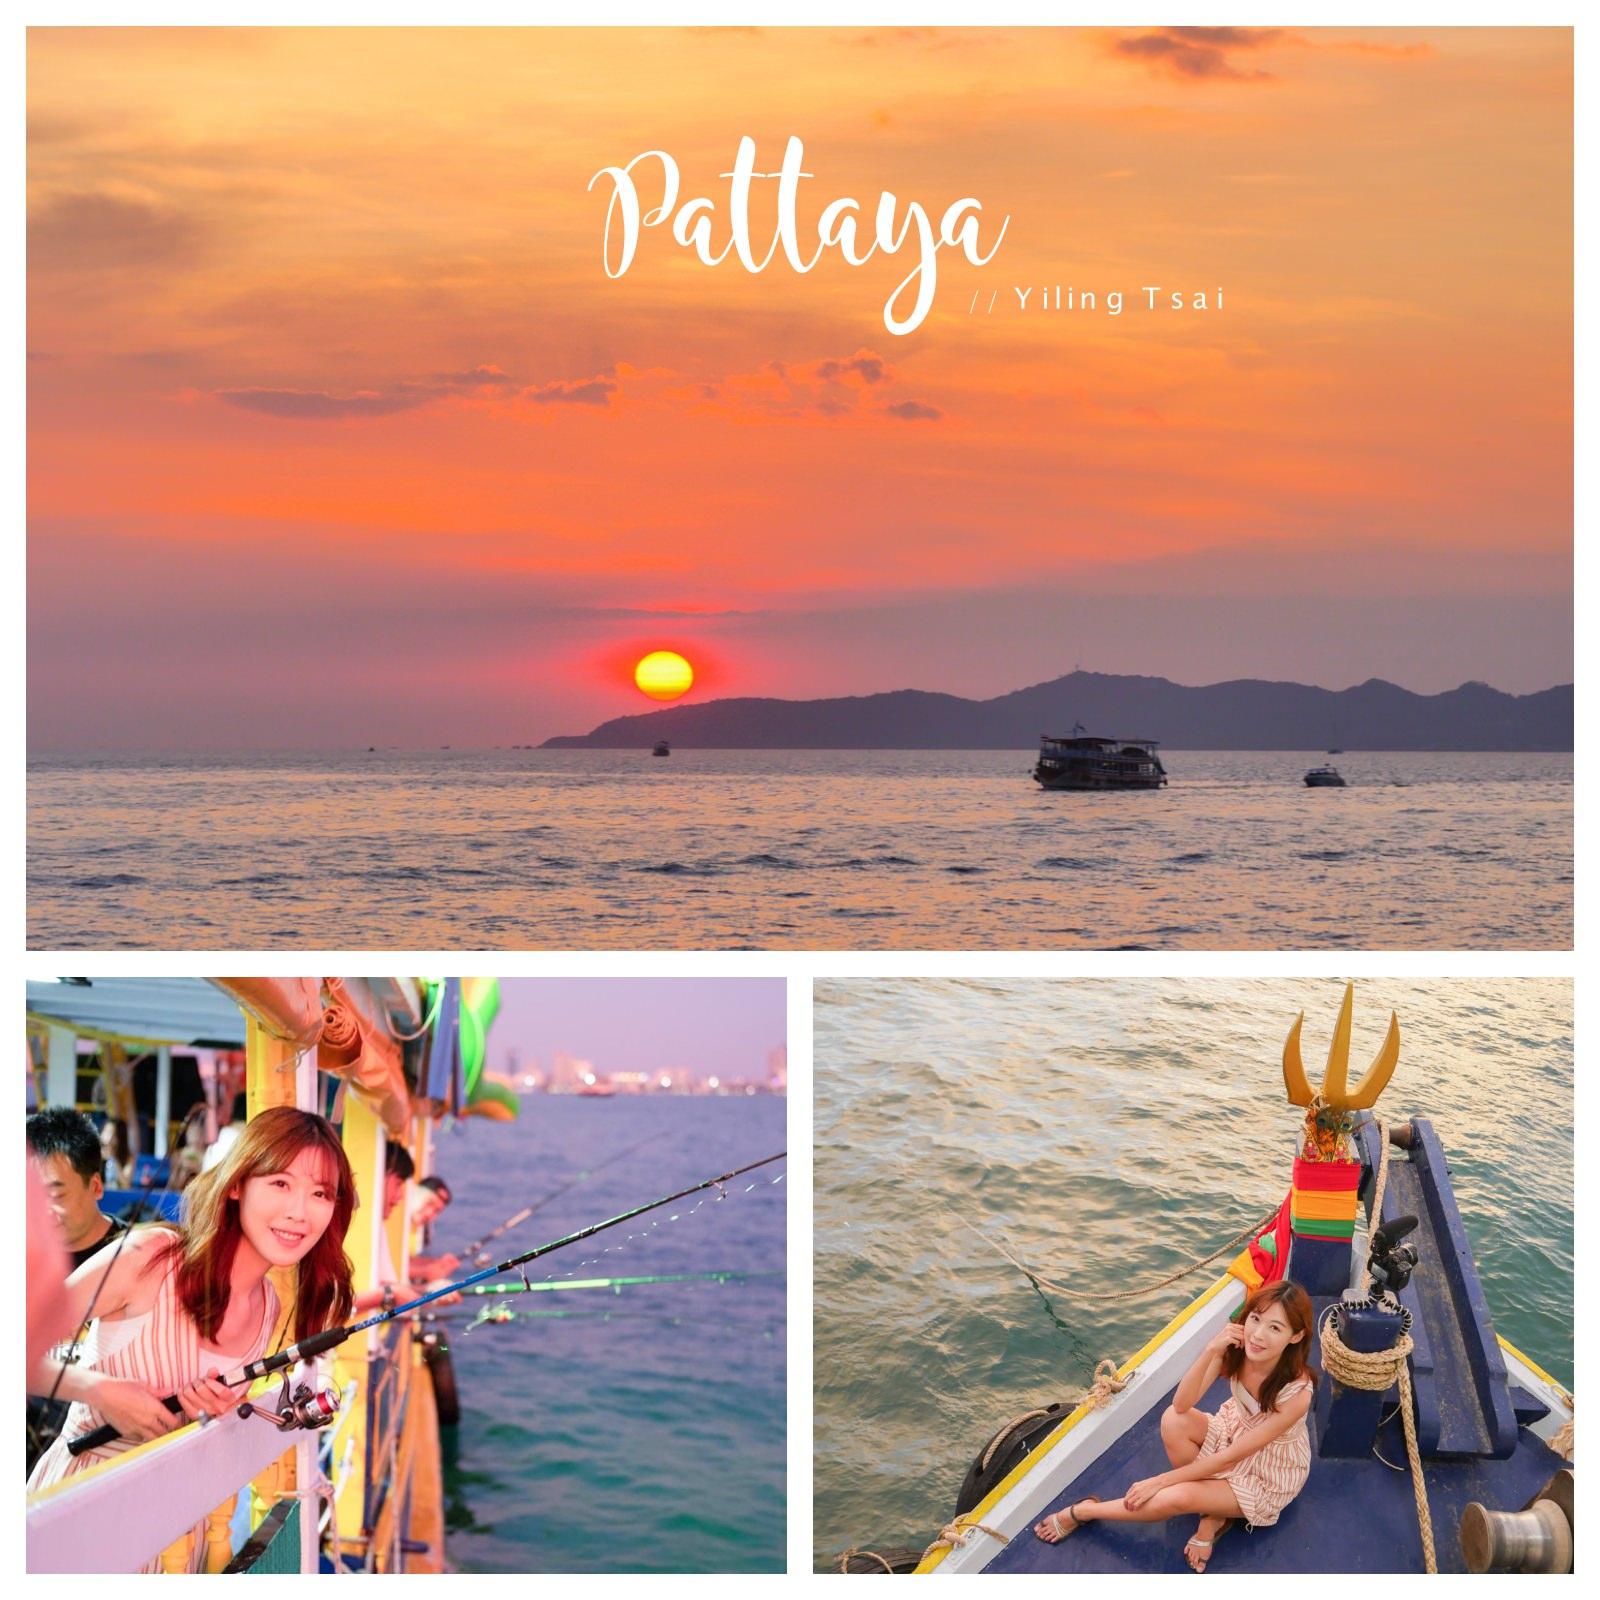 泰國芭達雅曼谷旅遊 五天四夜行程總覽 (上)